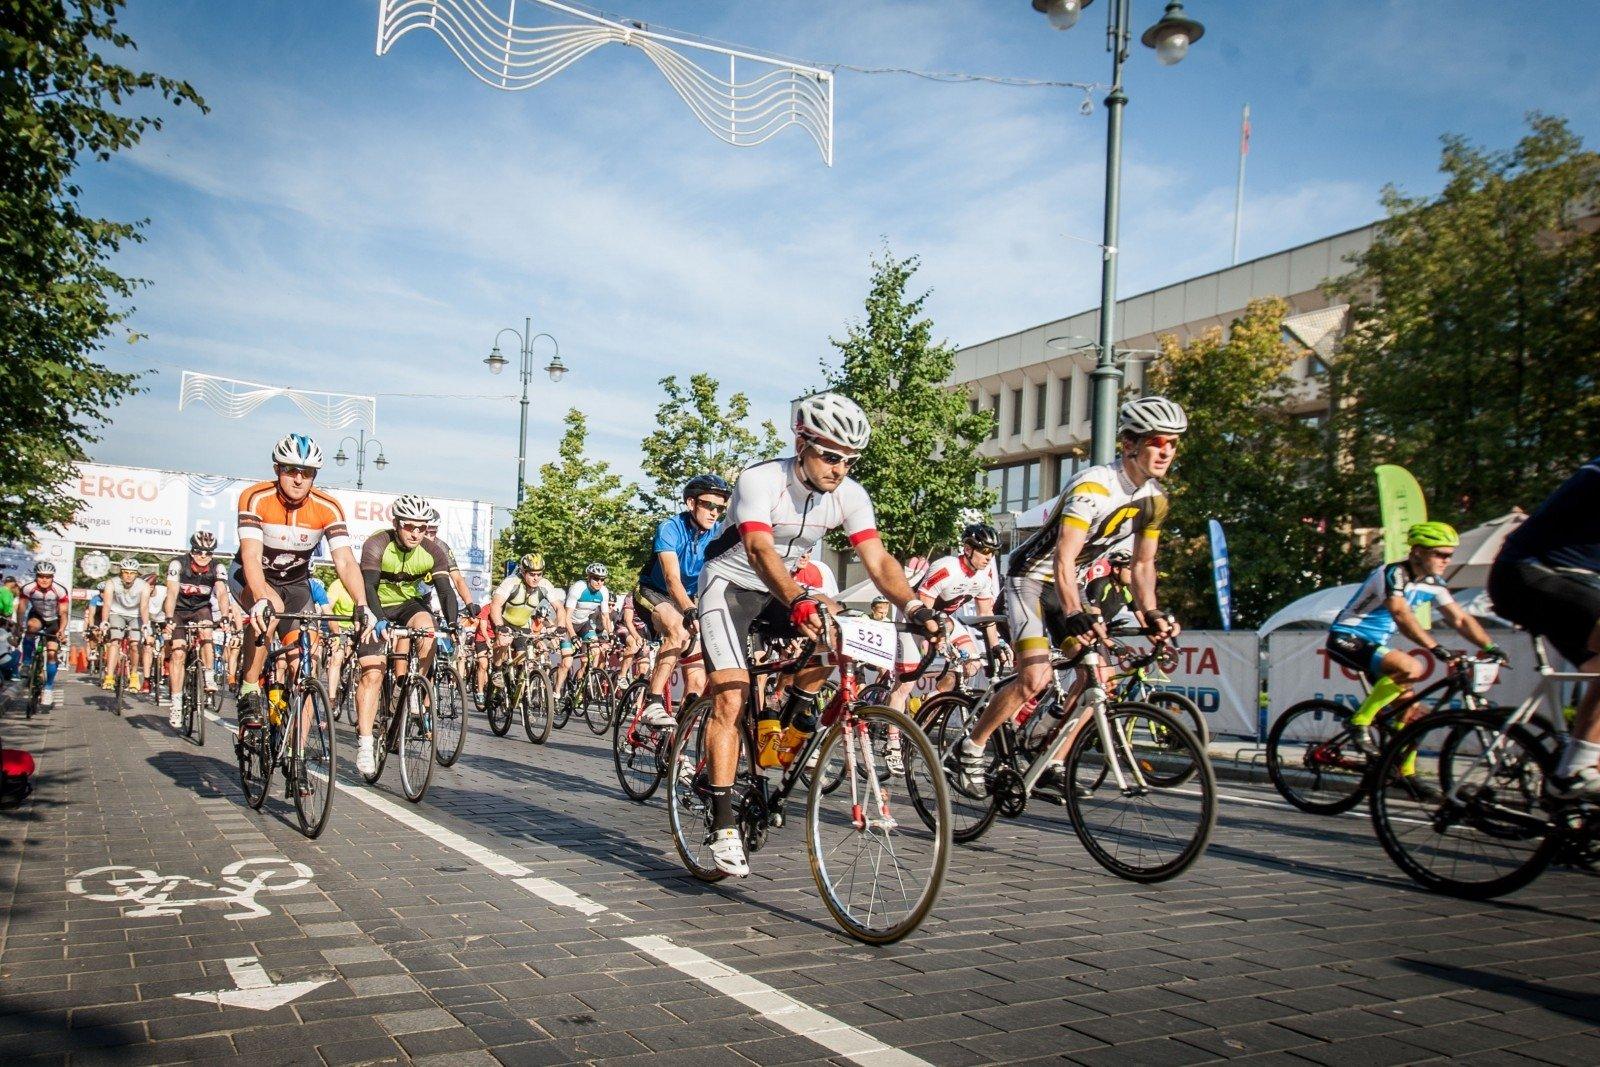 Лучшие события этого лета в Вильнюсе Лучшие события этого лета в Вильнюсе velomaratonas 72100088